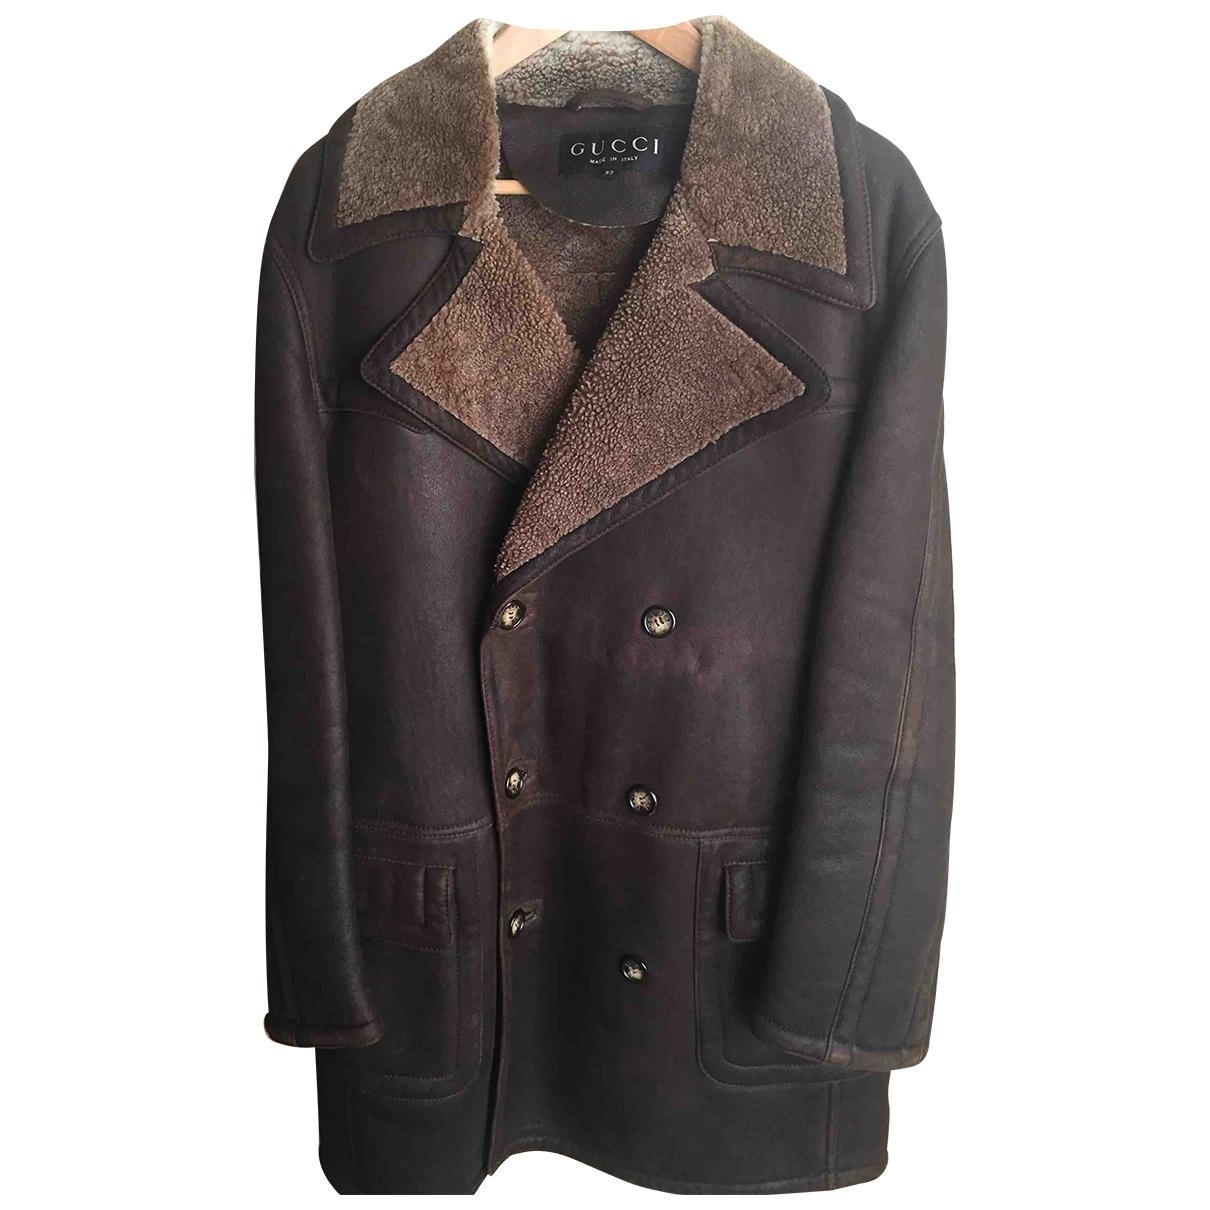 Gucci - Manteau   pour homme en mouton - marron